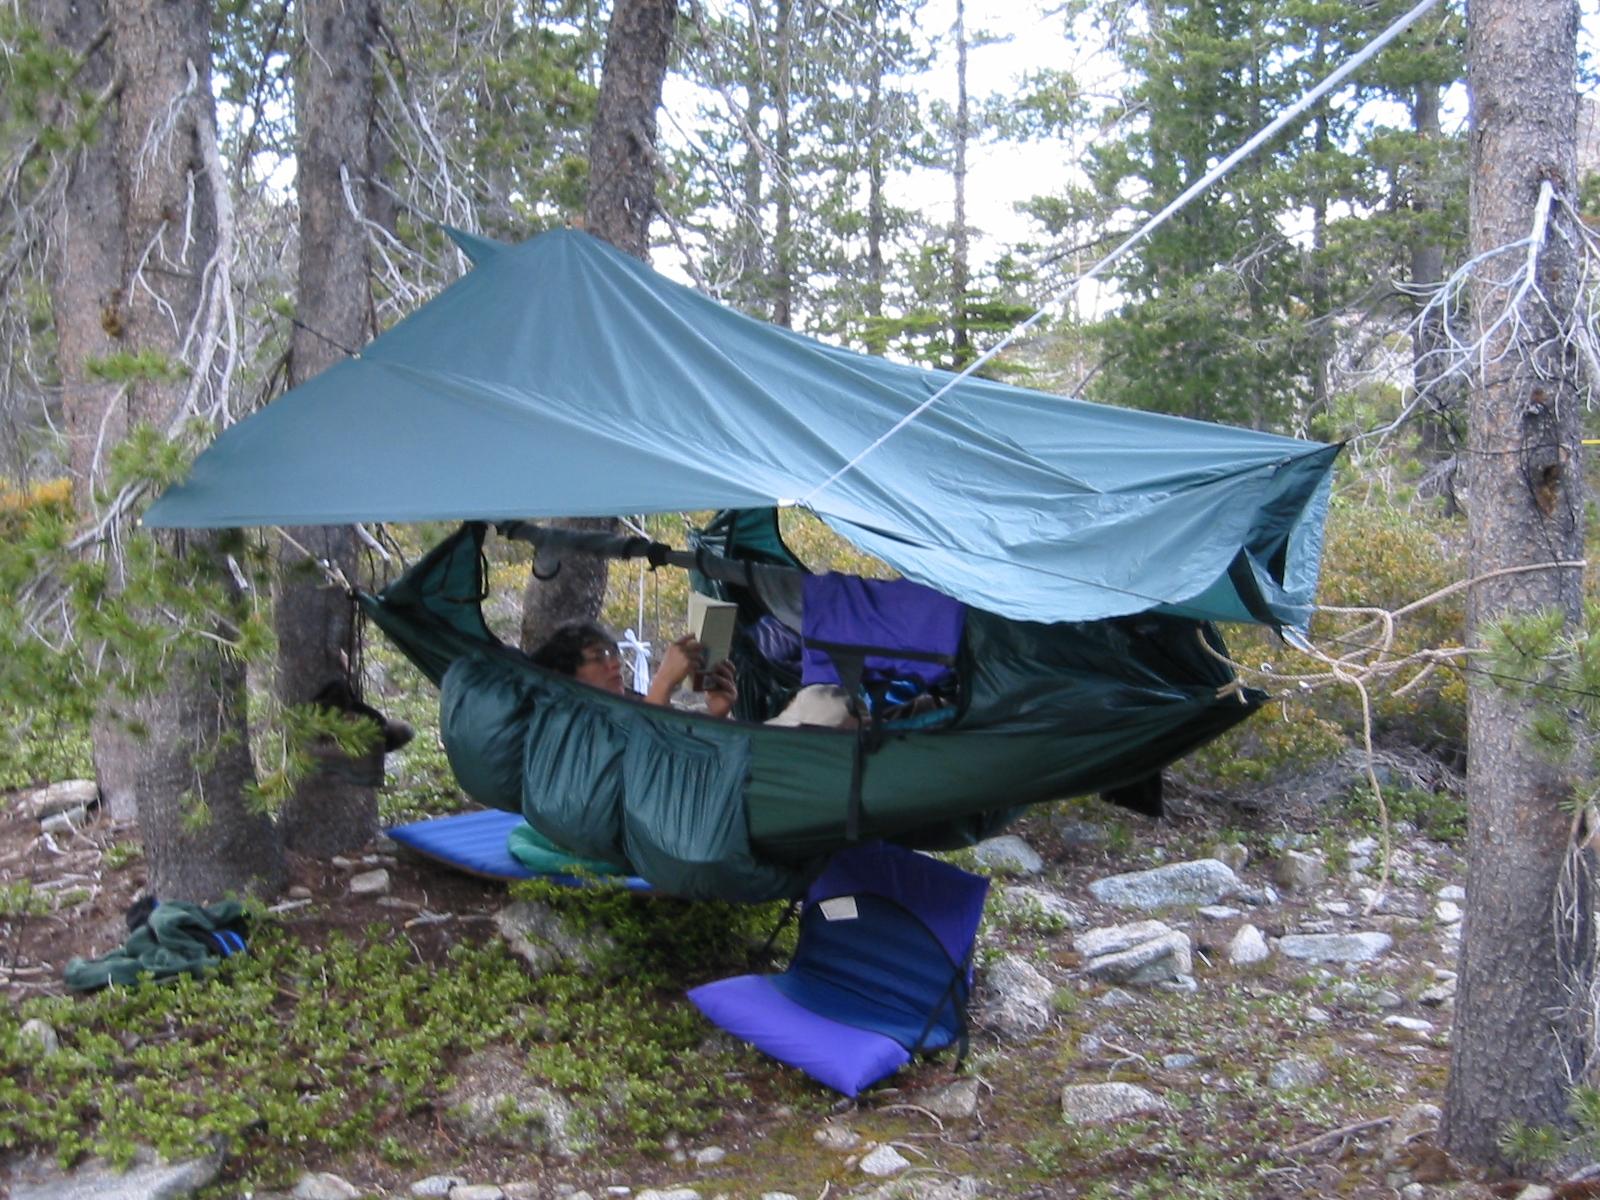 sharing and tarp pin diy hammock setup ultralight hiking flickr with set camping photo survival up